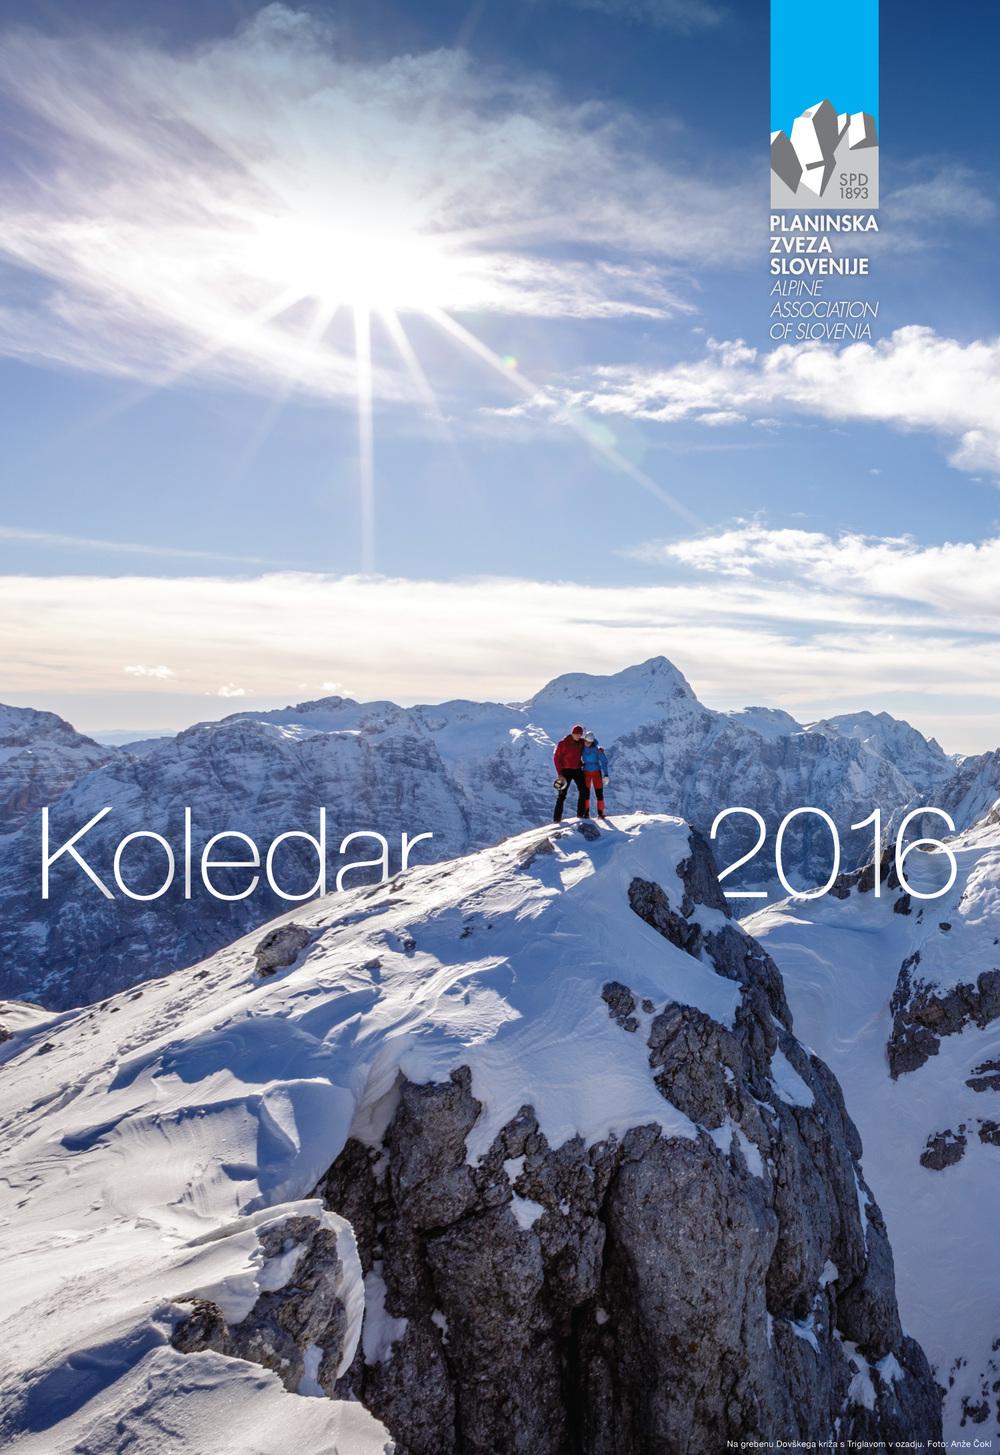 Naslovnica planinskega koledarja za leto 2016